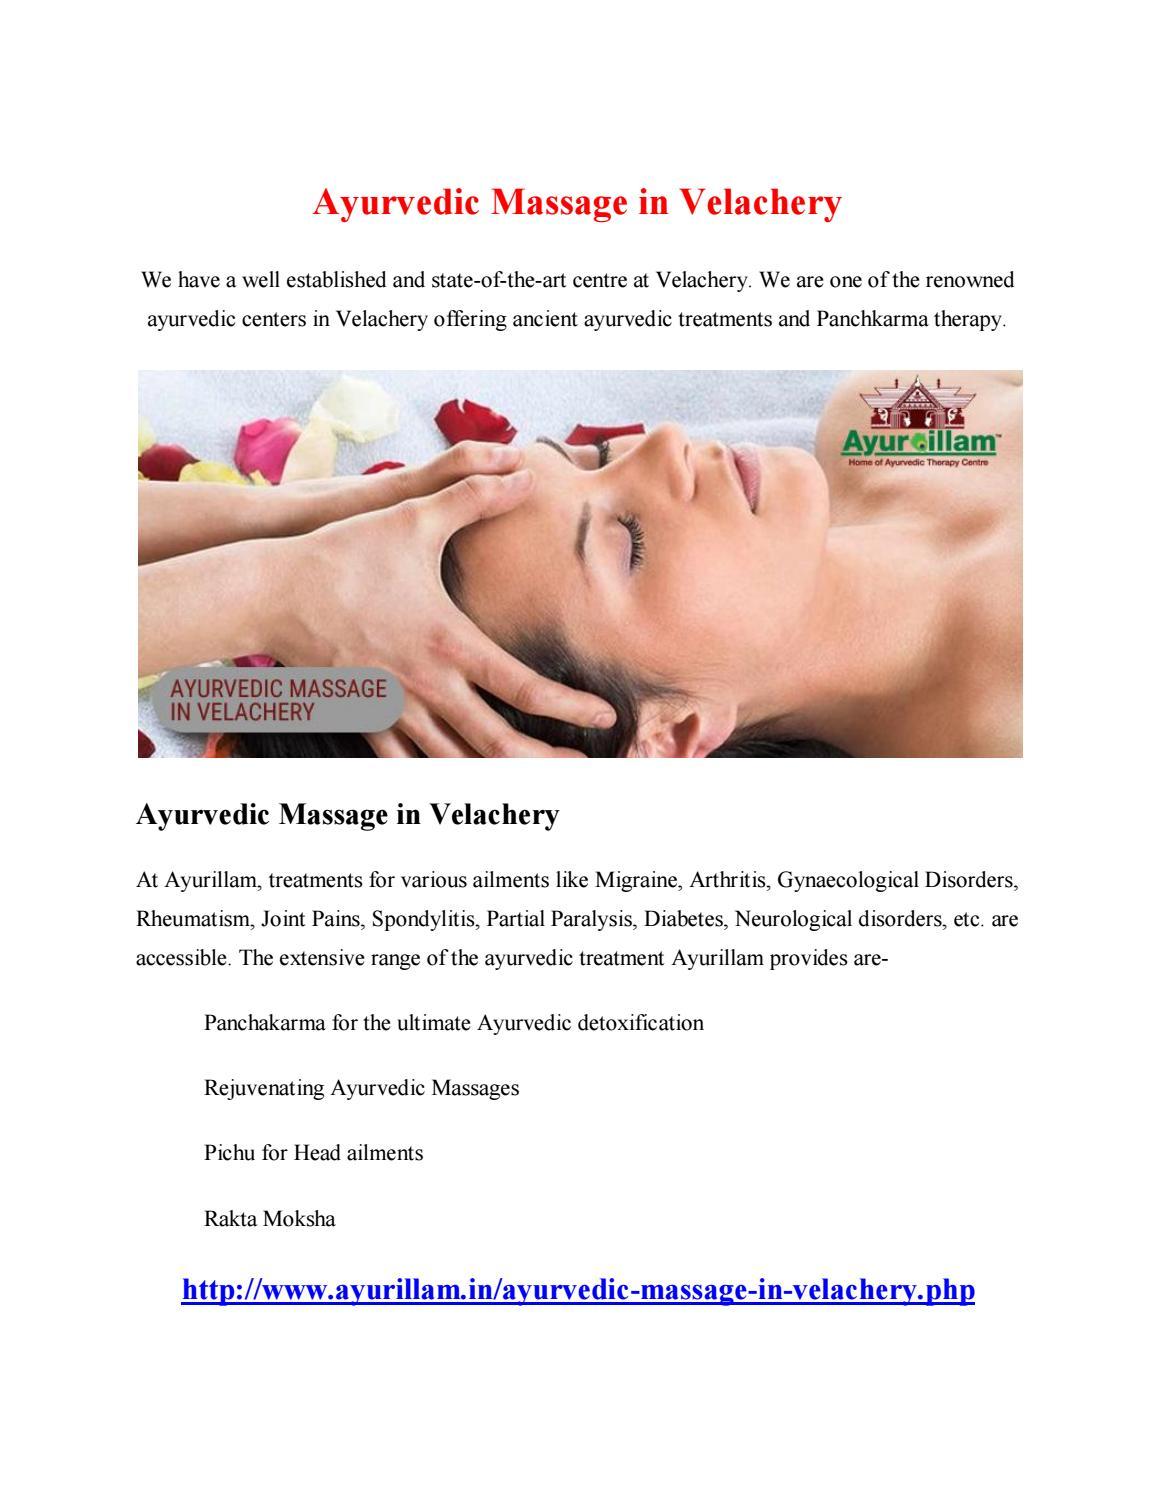 Ayurvedic massage in velachery by kumarakannan - issuu